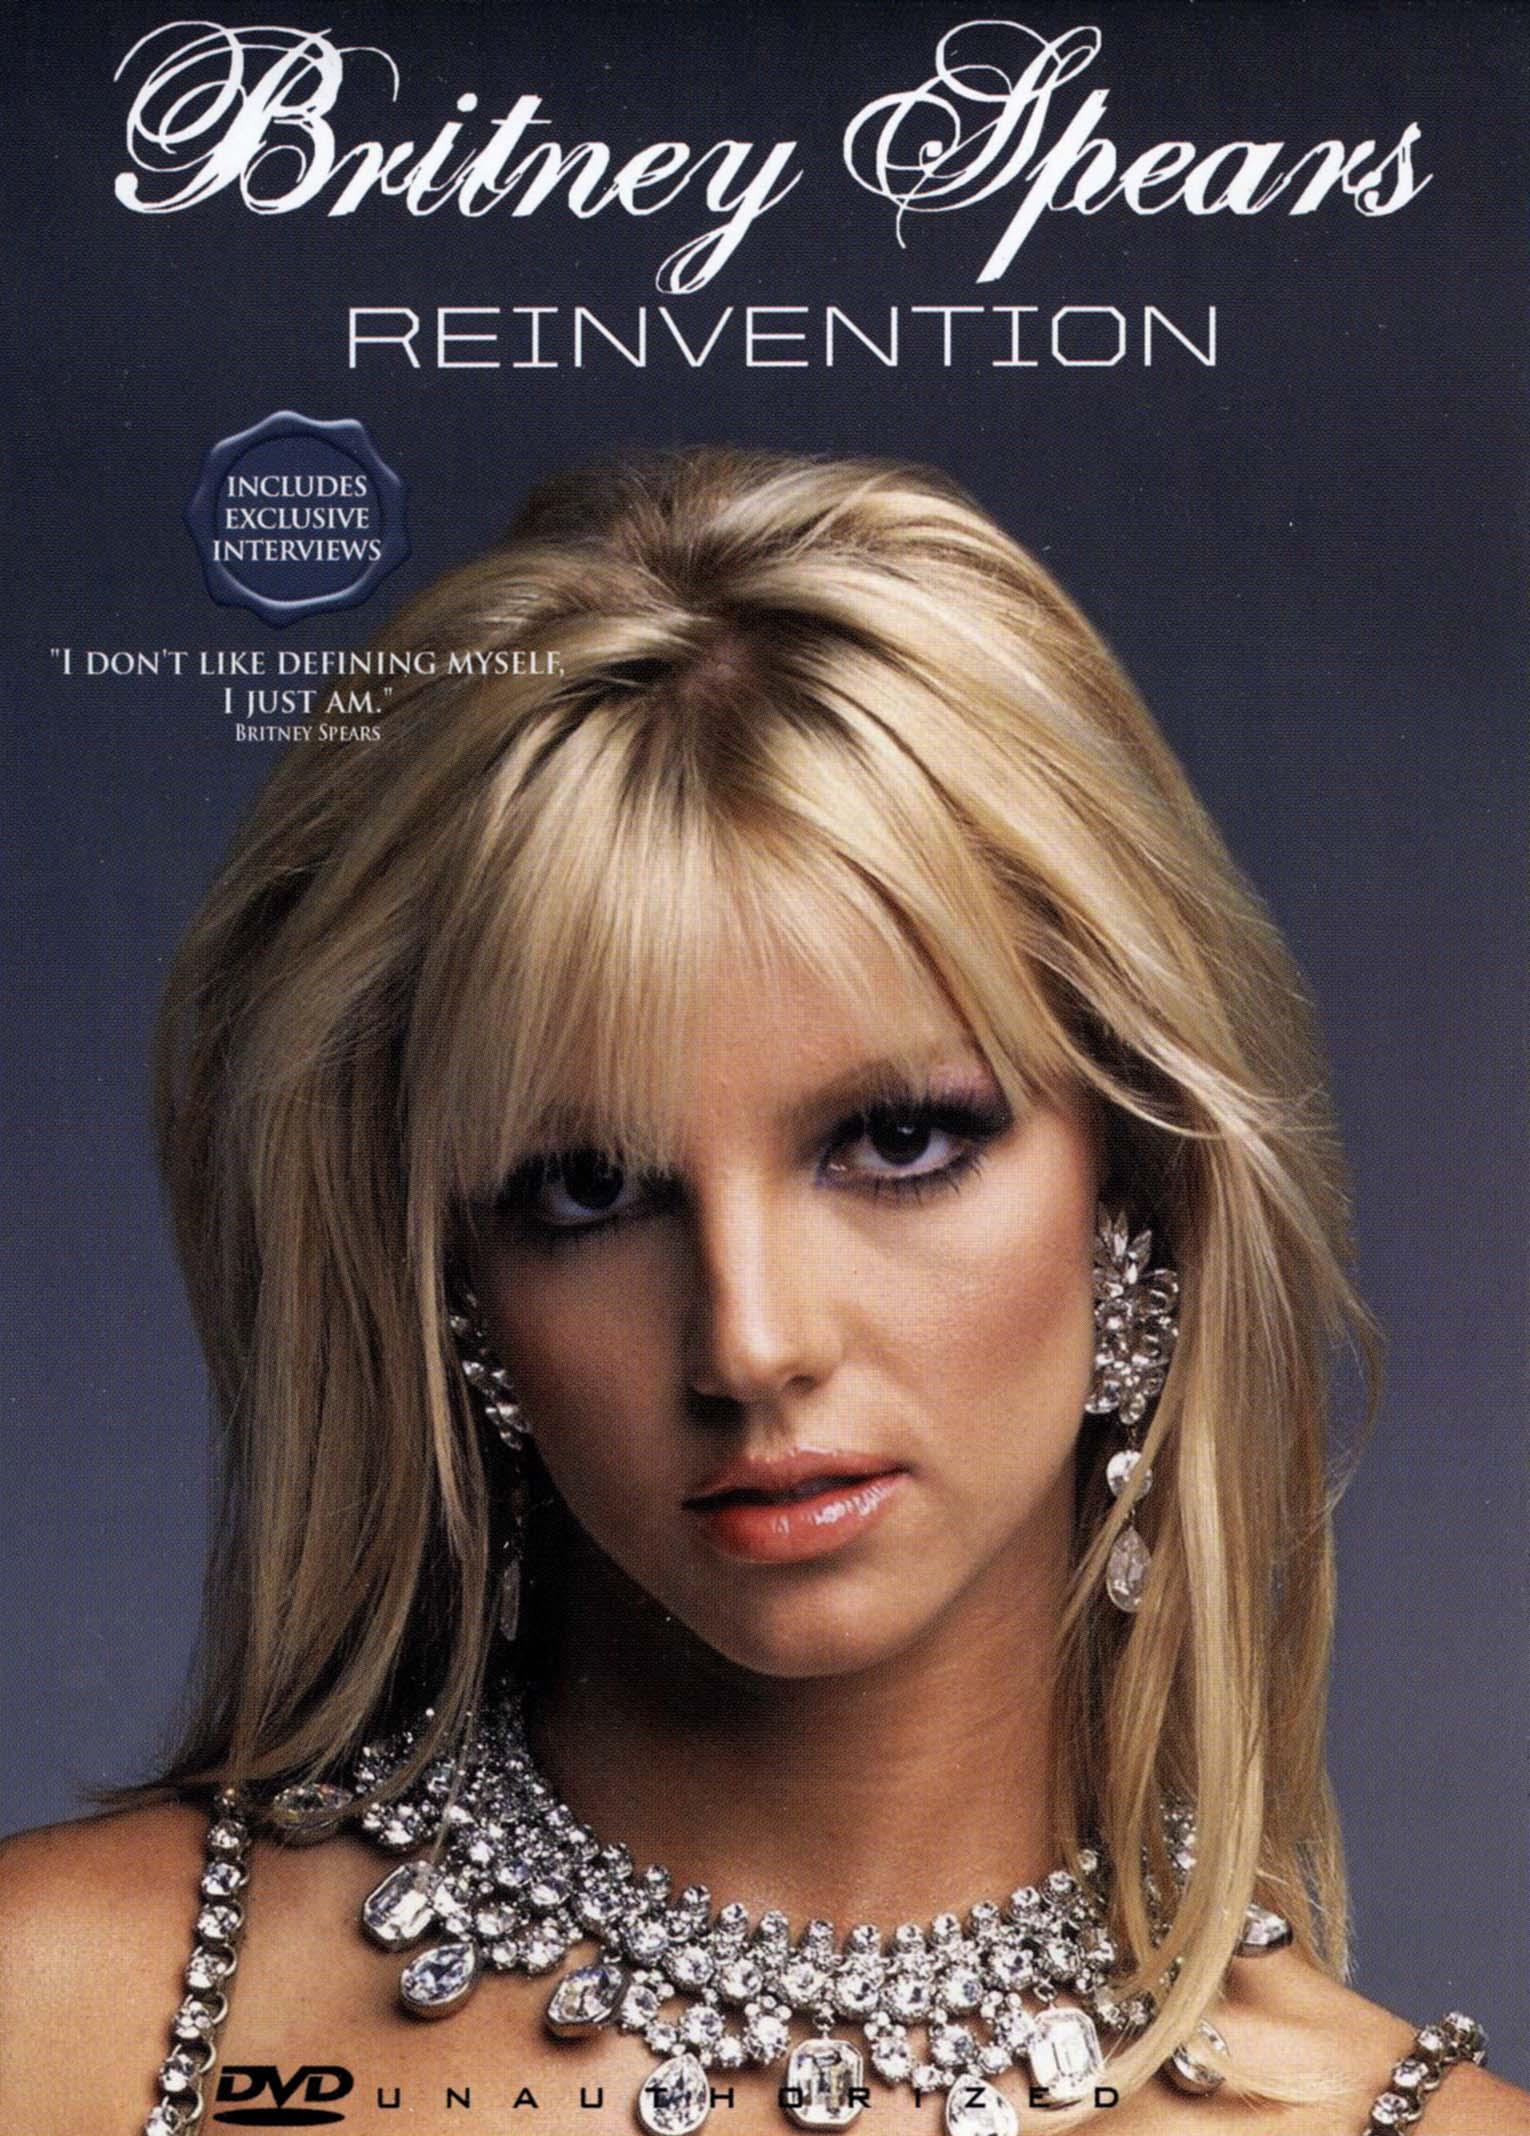 Britney Spears: Reinvention